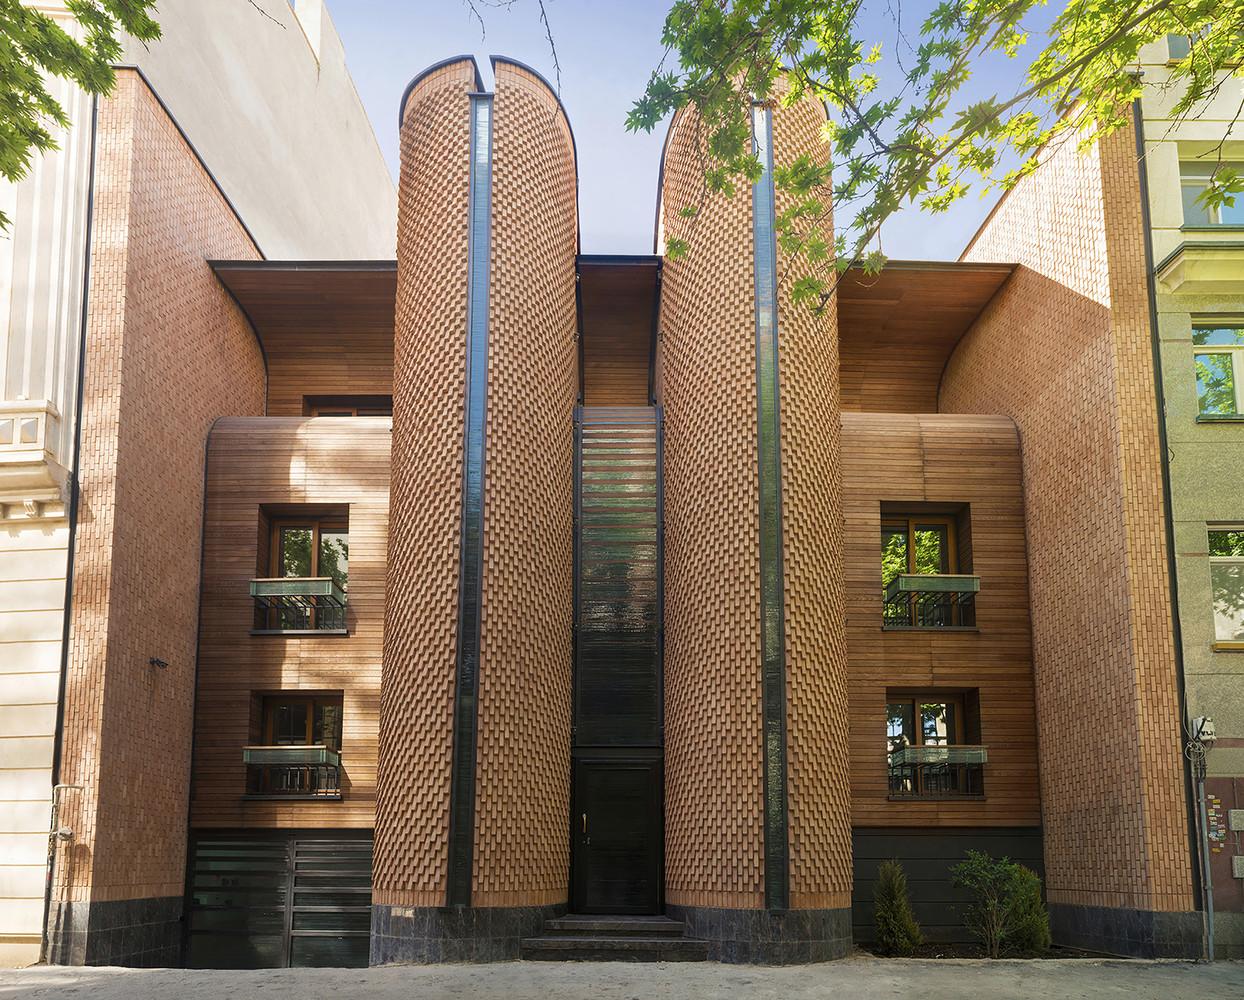 بازسازی خانه,معماری,زیباسازی در معماری,نقشه معماری,خانه مسکونی کاوه تهران,بازسازی ساختمان مسکونی کاوه تهران,طراحی نما